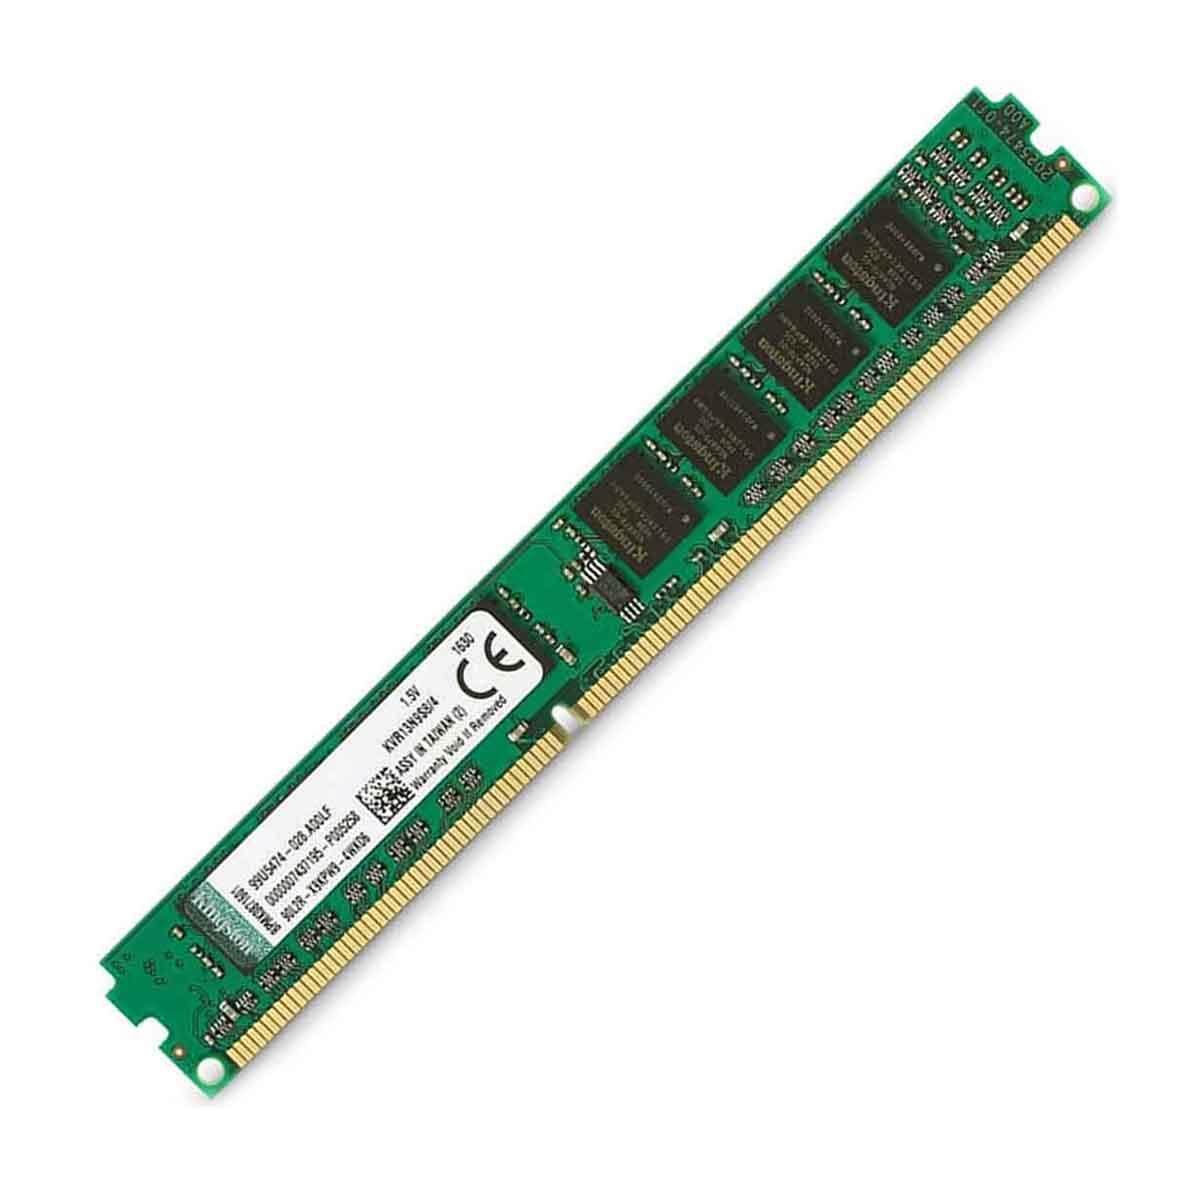 KINGSTON MEMORIA 4GB DDR3 1333MHz PC KVR13N9S8/4